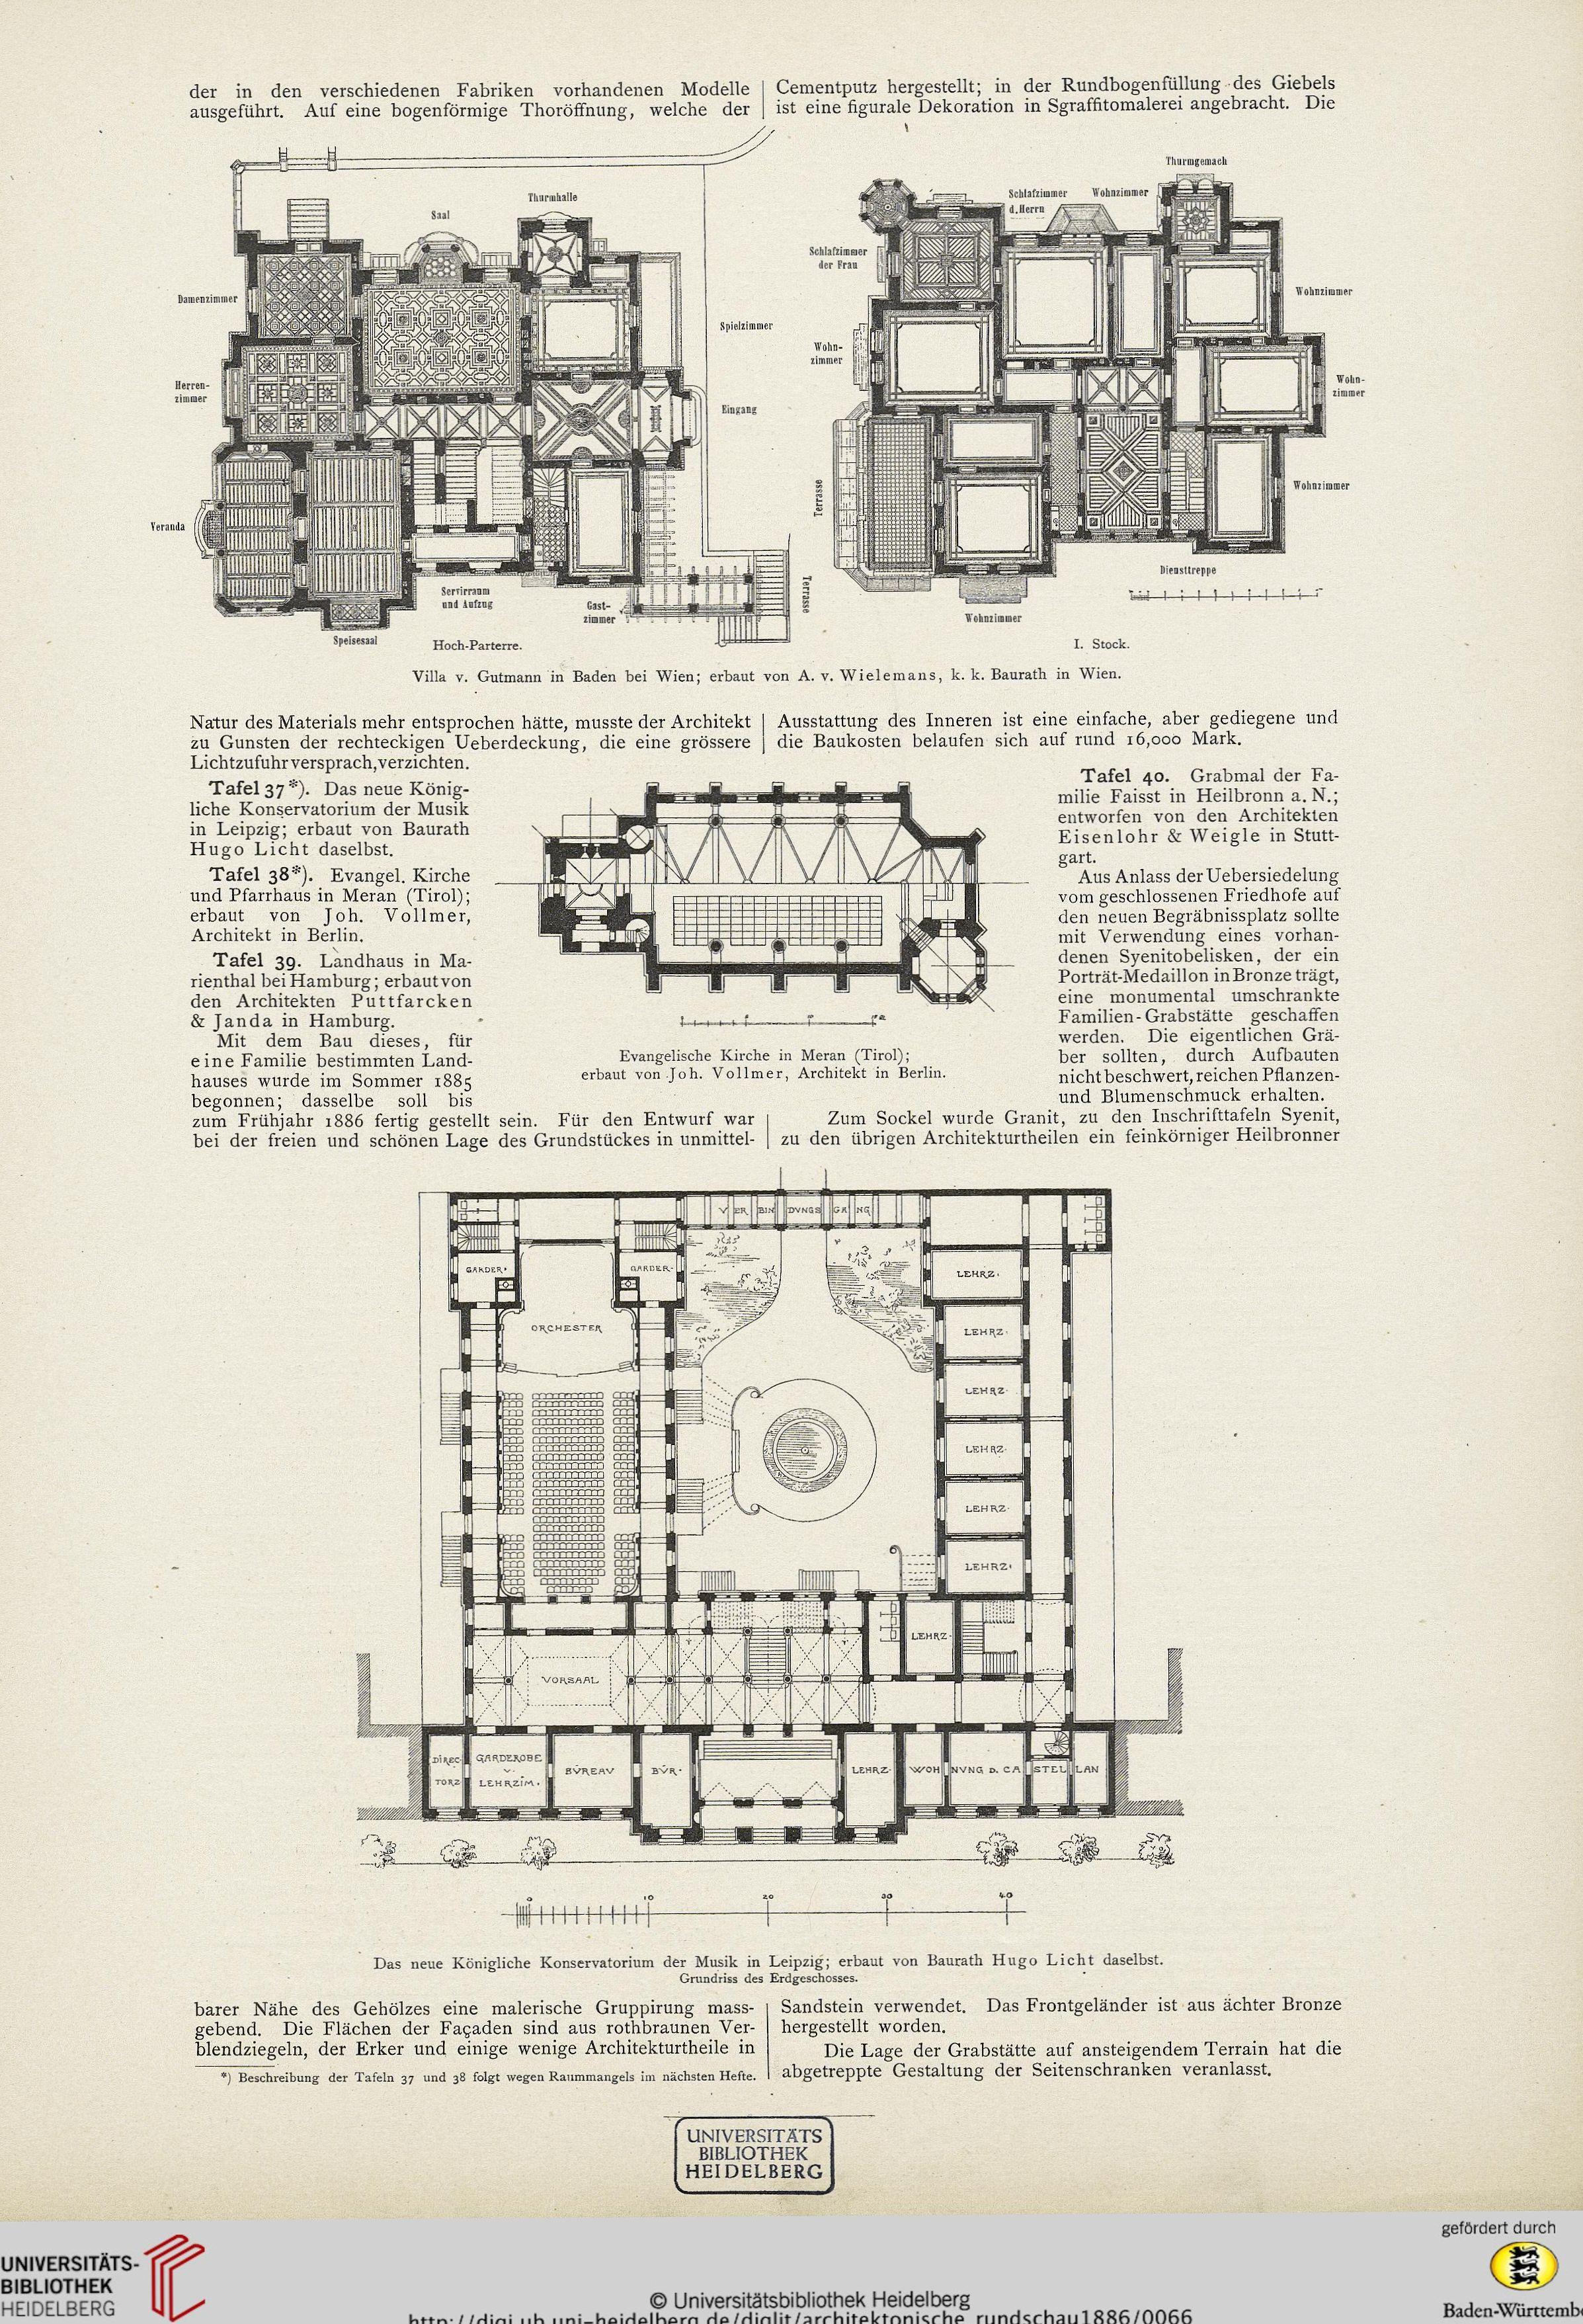 File:Königliches Konservatorium Der Musik Leipzig (hugo Licht)    Architektonische Rundschau 2 (